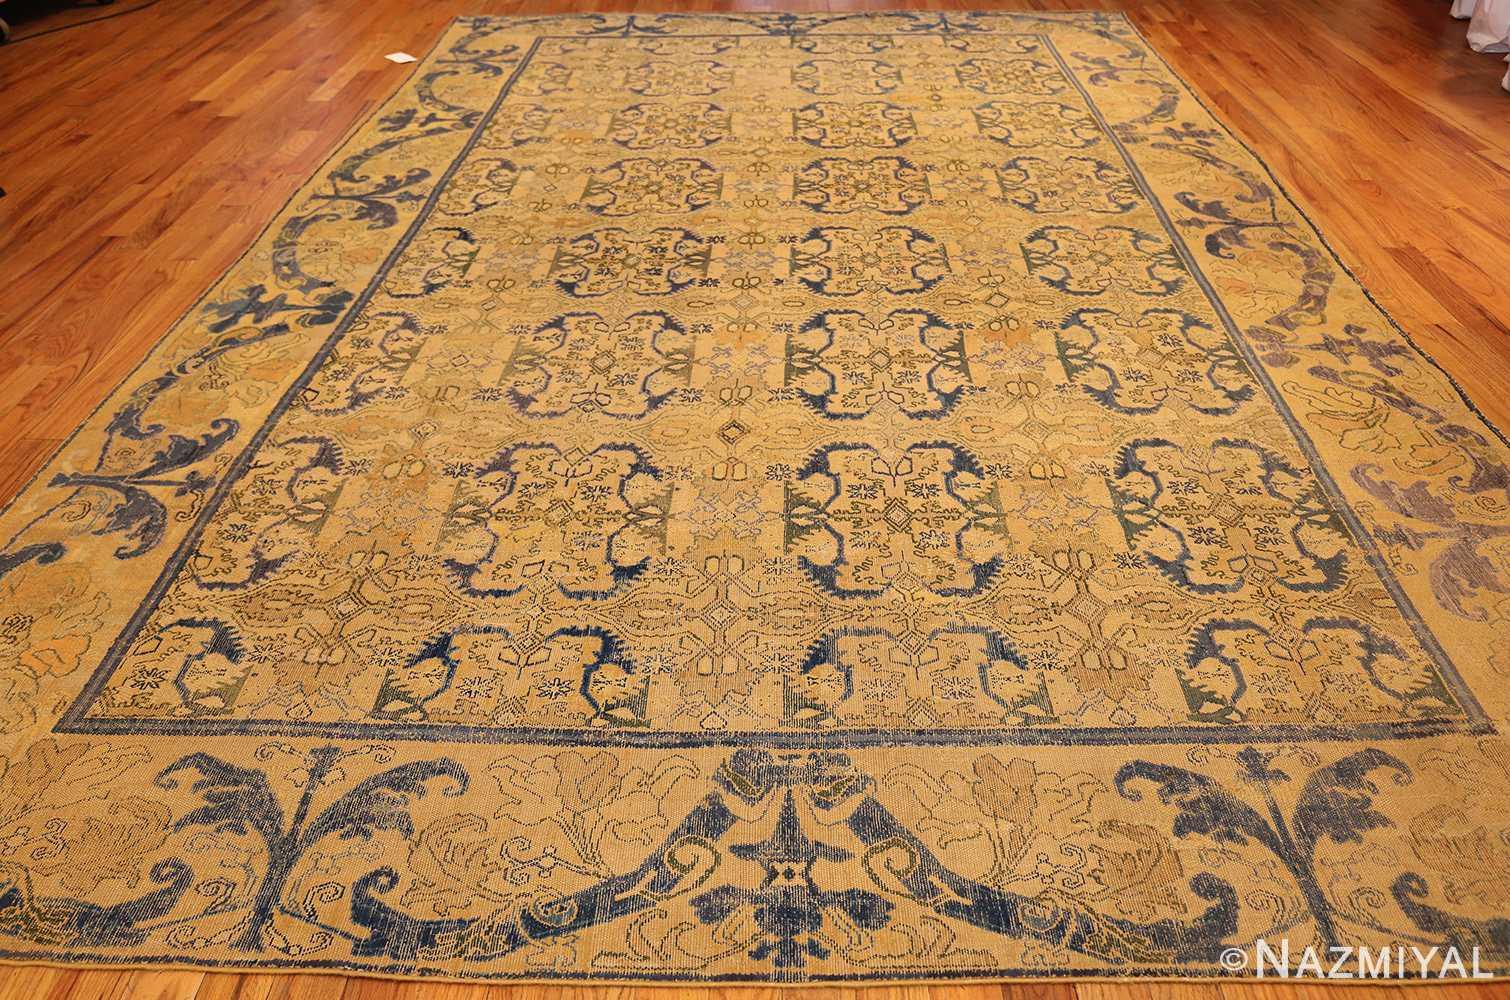 17th century cuenca spanish rug 49270 full Nazmiyal